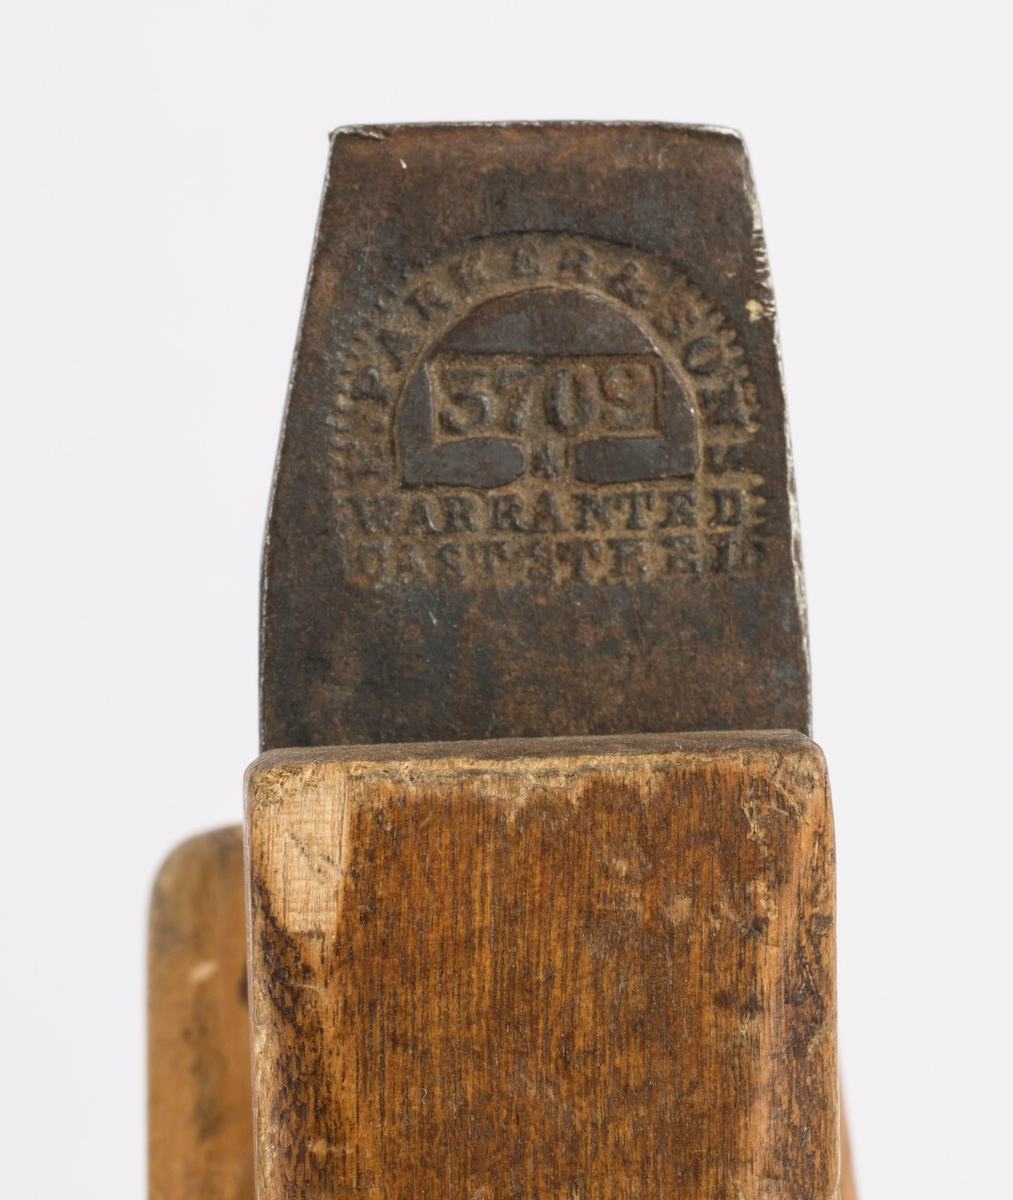 """Høvel i tre med horn/håndtak, høveljern og kile. Jernet er av merket """"F. PARKER & SON 3709 WARRANTED CAST STEEL"""". På høyre langside er det svimerket inn to ganger """"SV""""."""